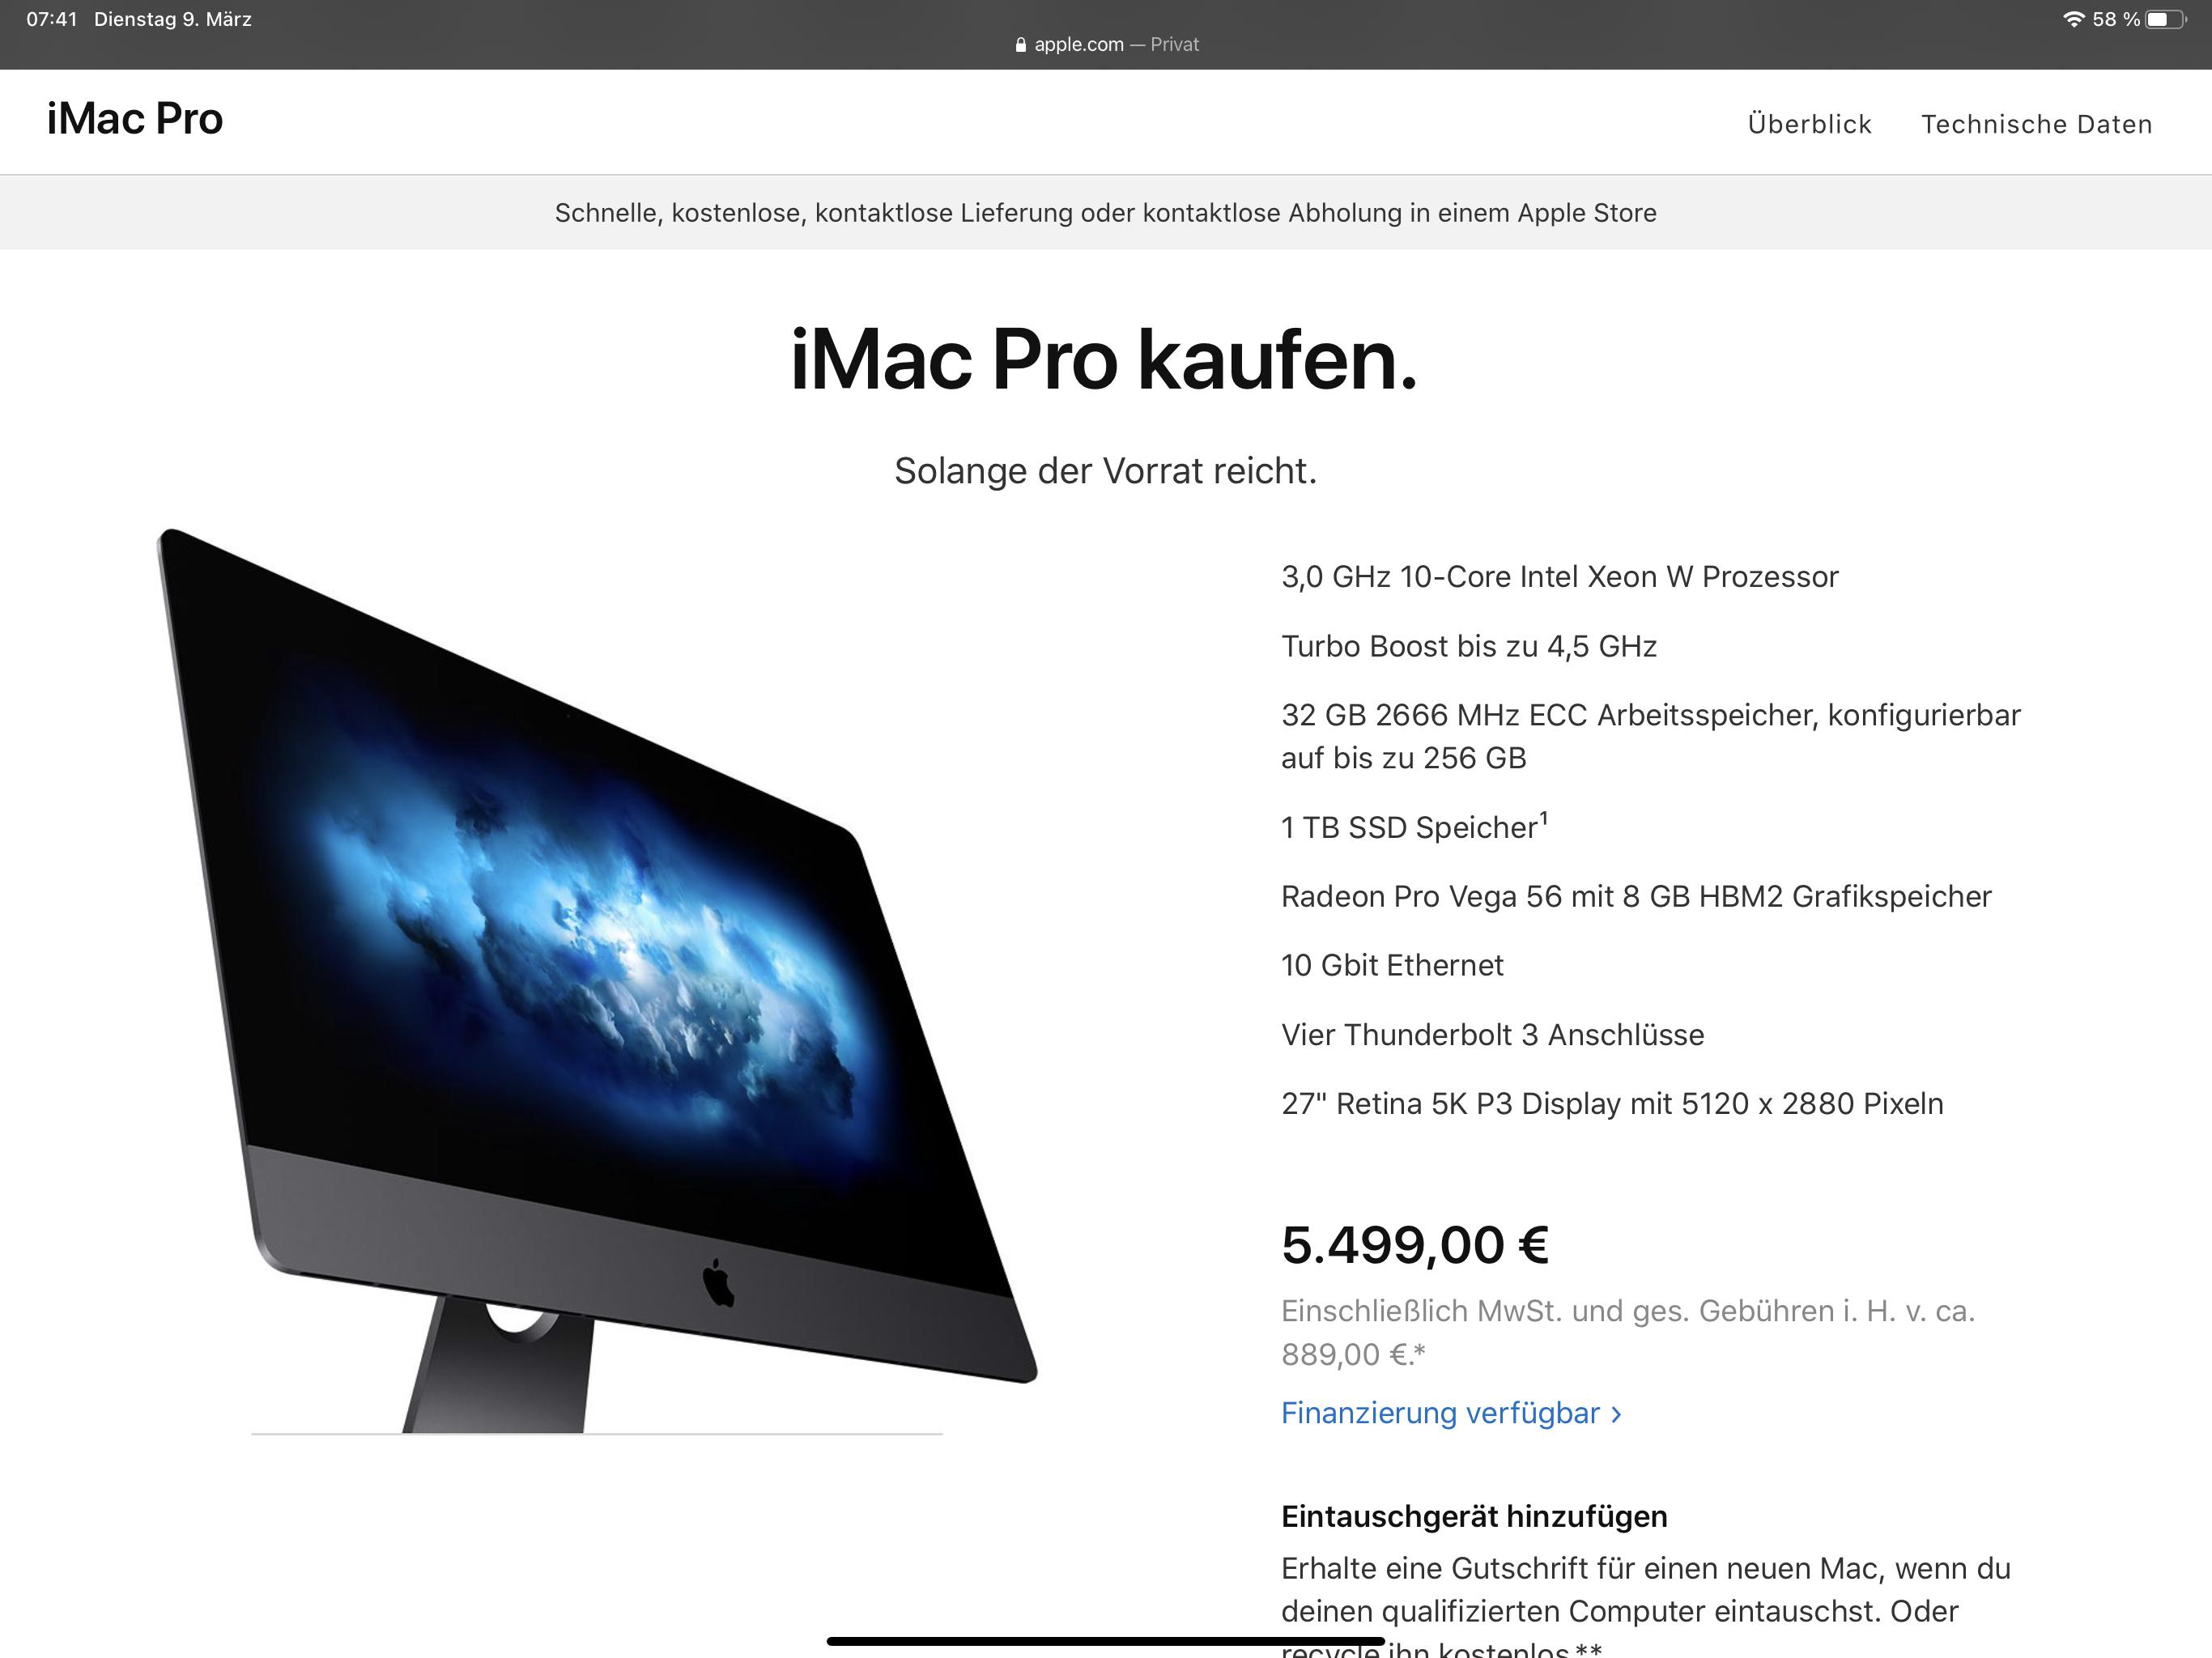 In Apples Online-Store gibt es nur noch Restbestände des iMac Pro in der Standardkonfiguration zu kaufen.